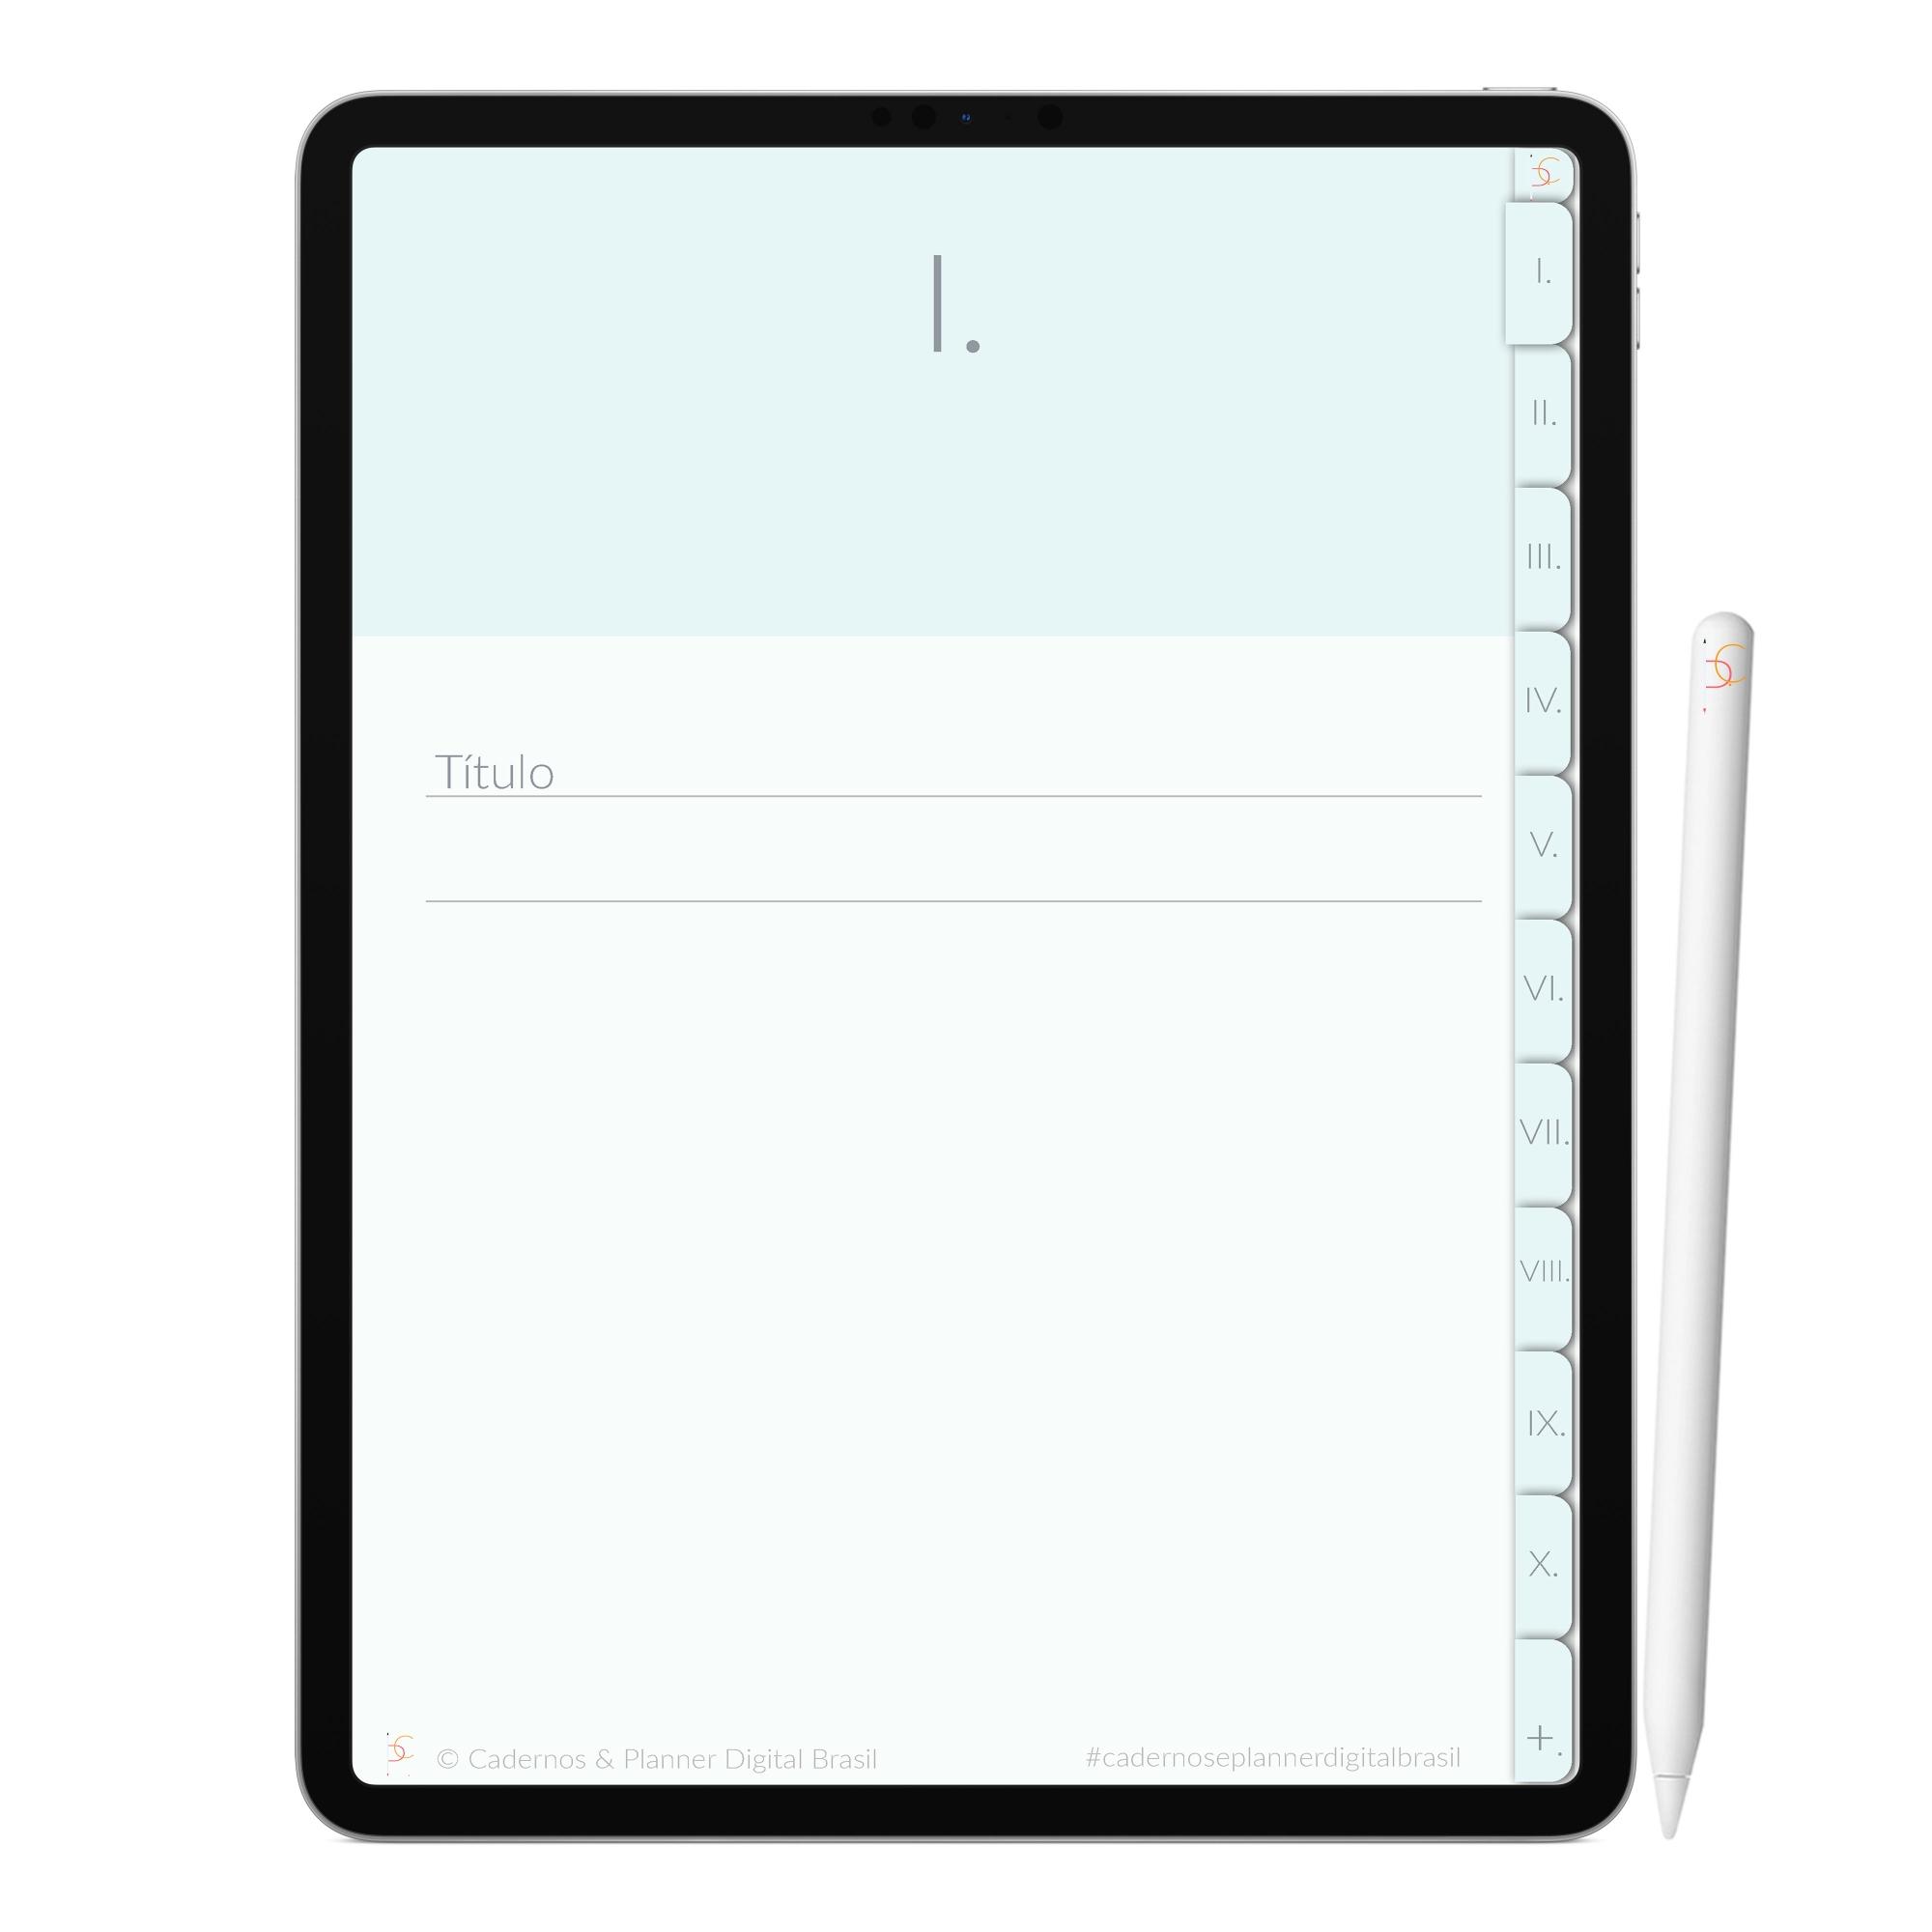 Caderno Digital Minimalista Snow Neve | Dez Divisórias Interativo| iPad Tablet | Download Instantâneo